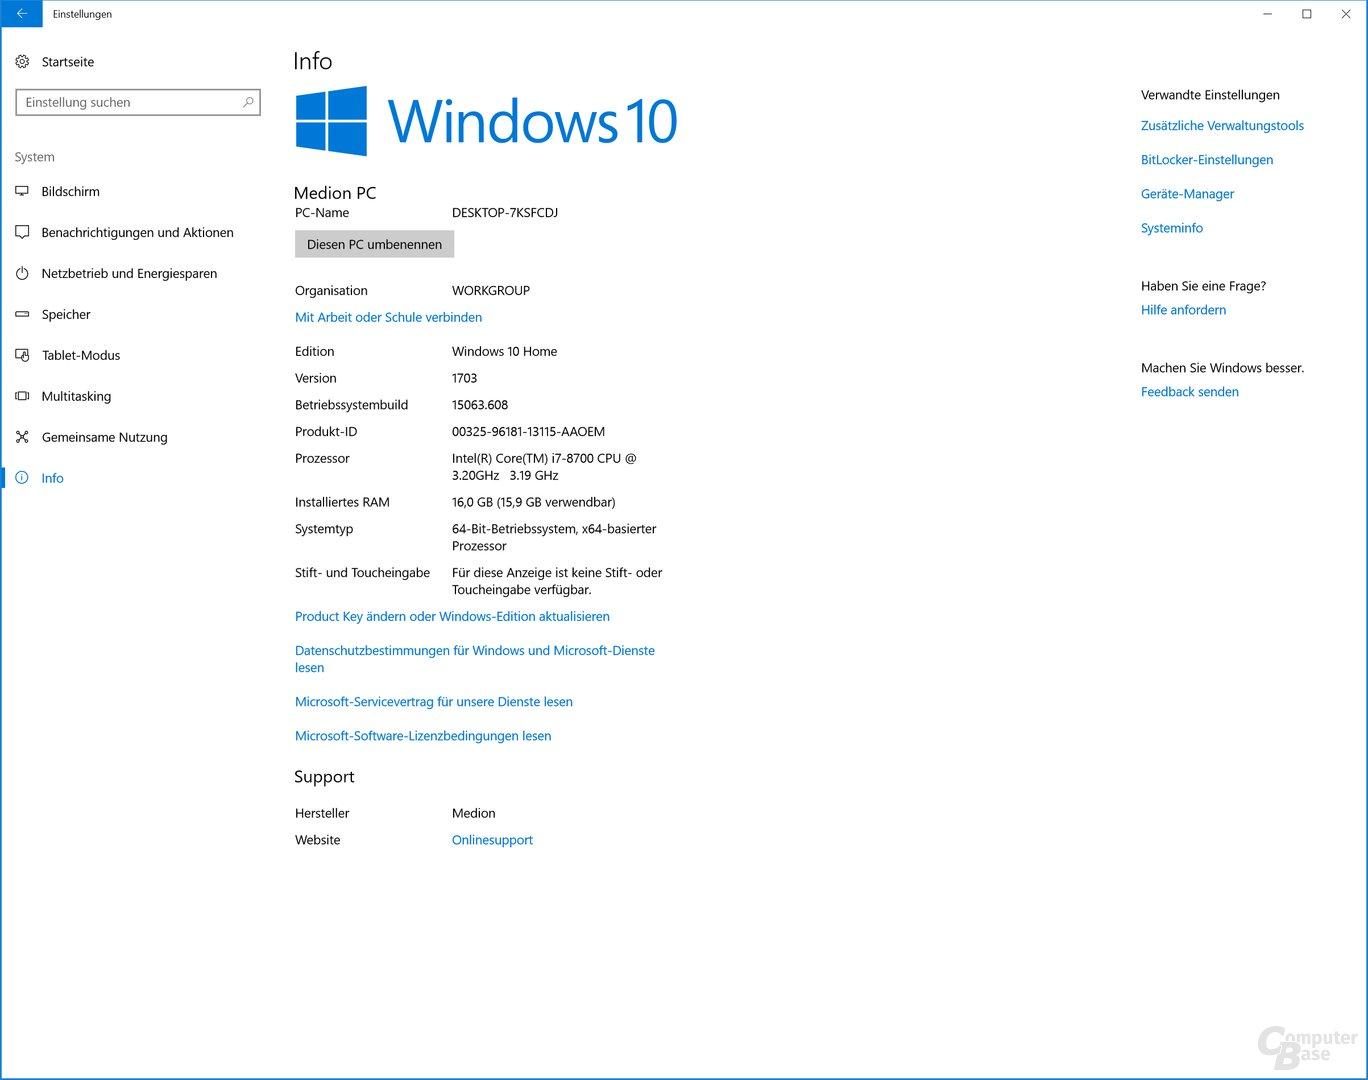 Installiert ist noch Windows 1703 Creators Update